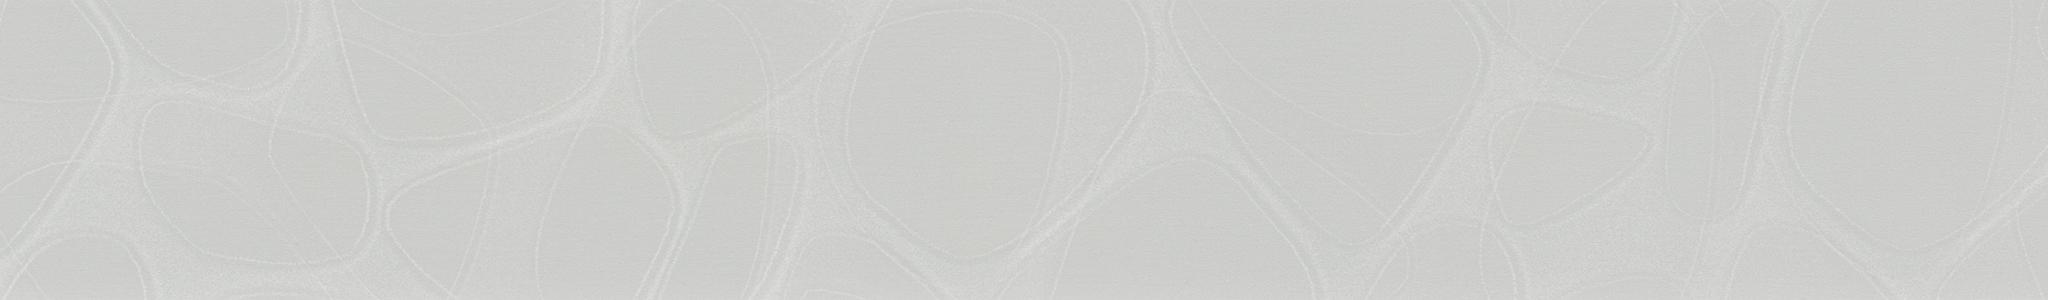 HD 298414 ABS Kante Dekor Dunkel Imeneo glatt